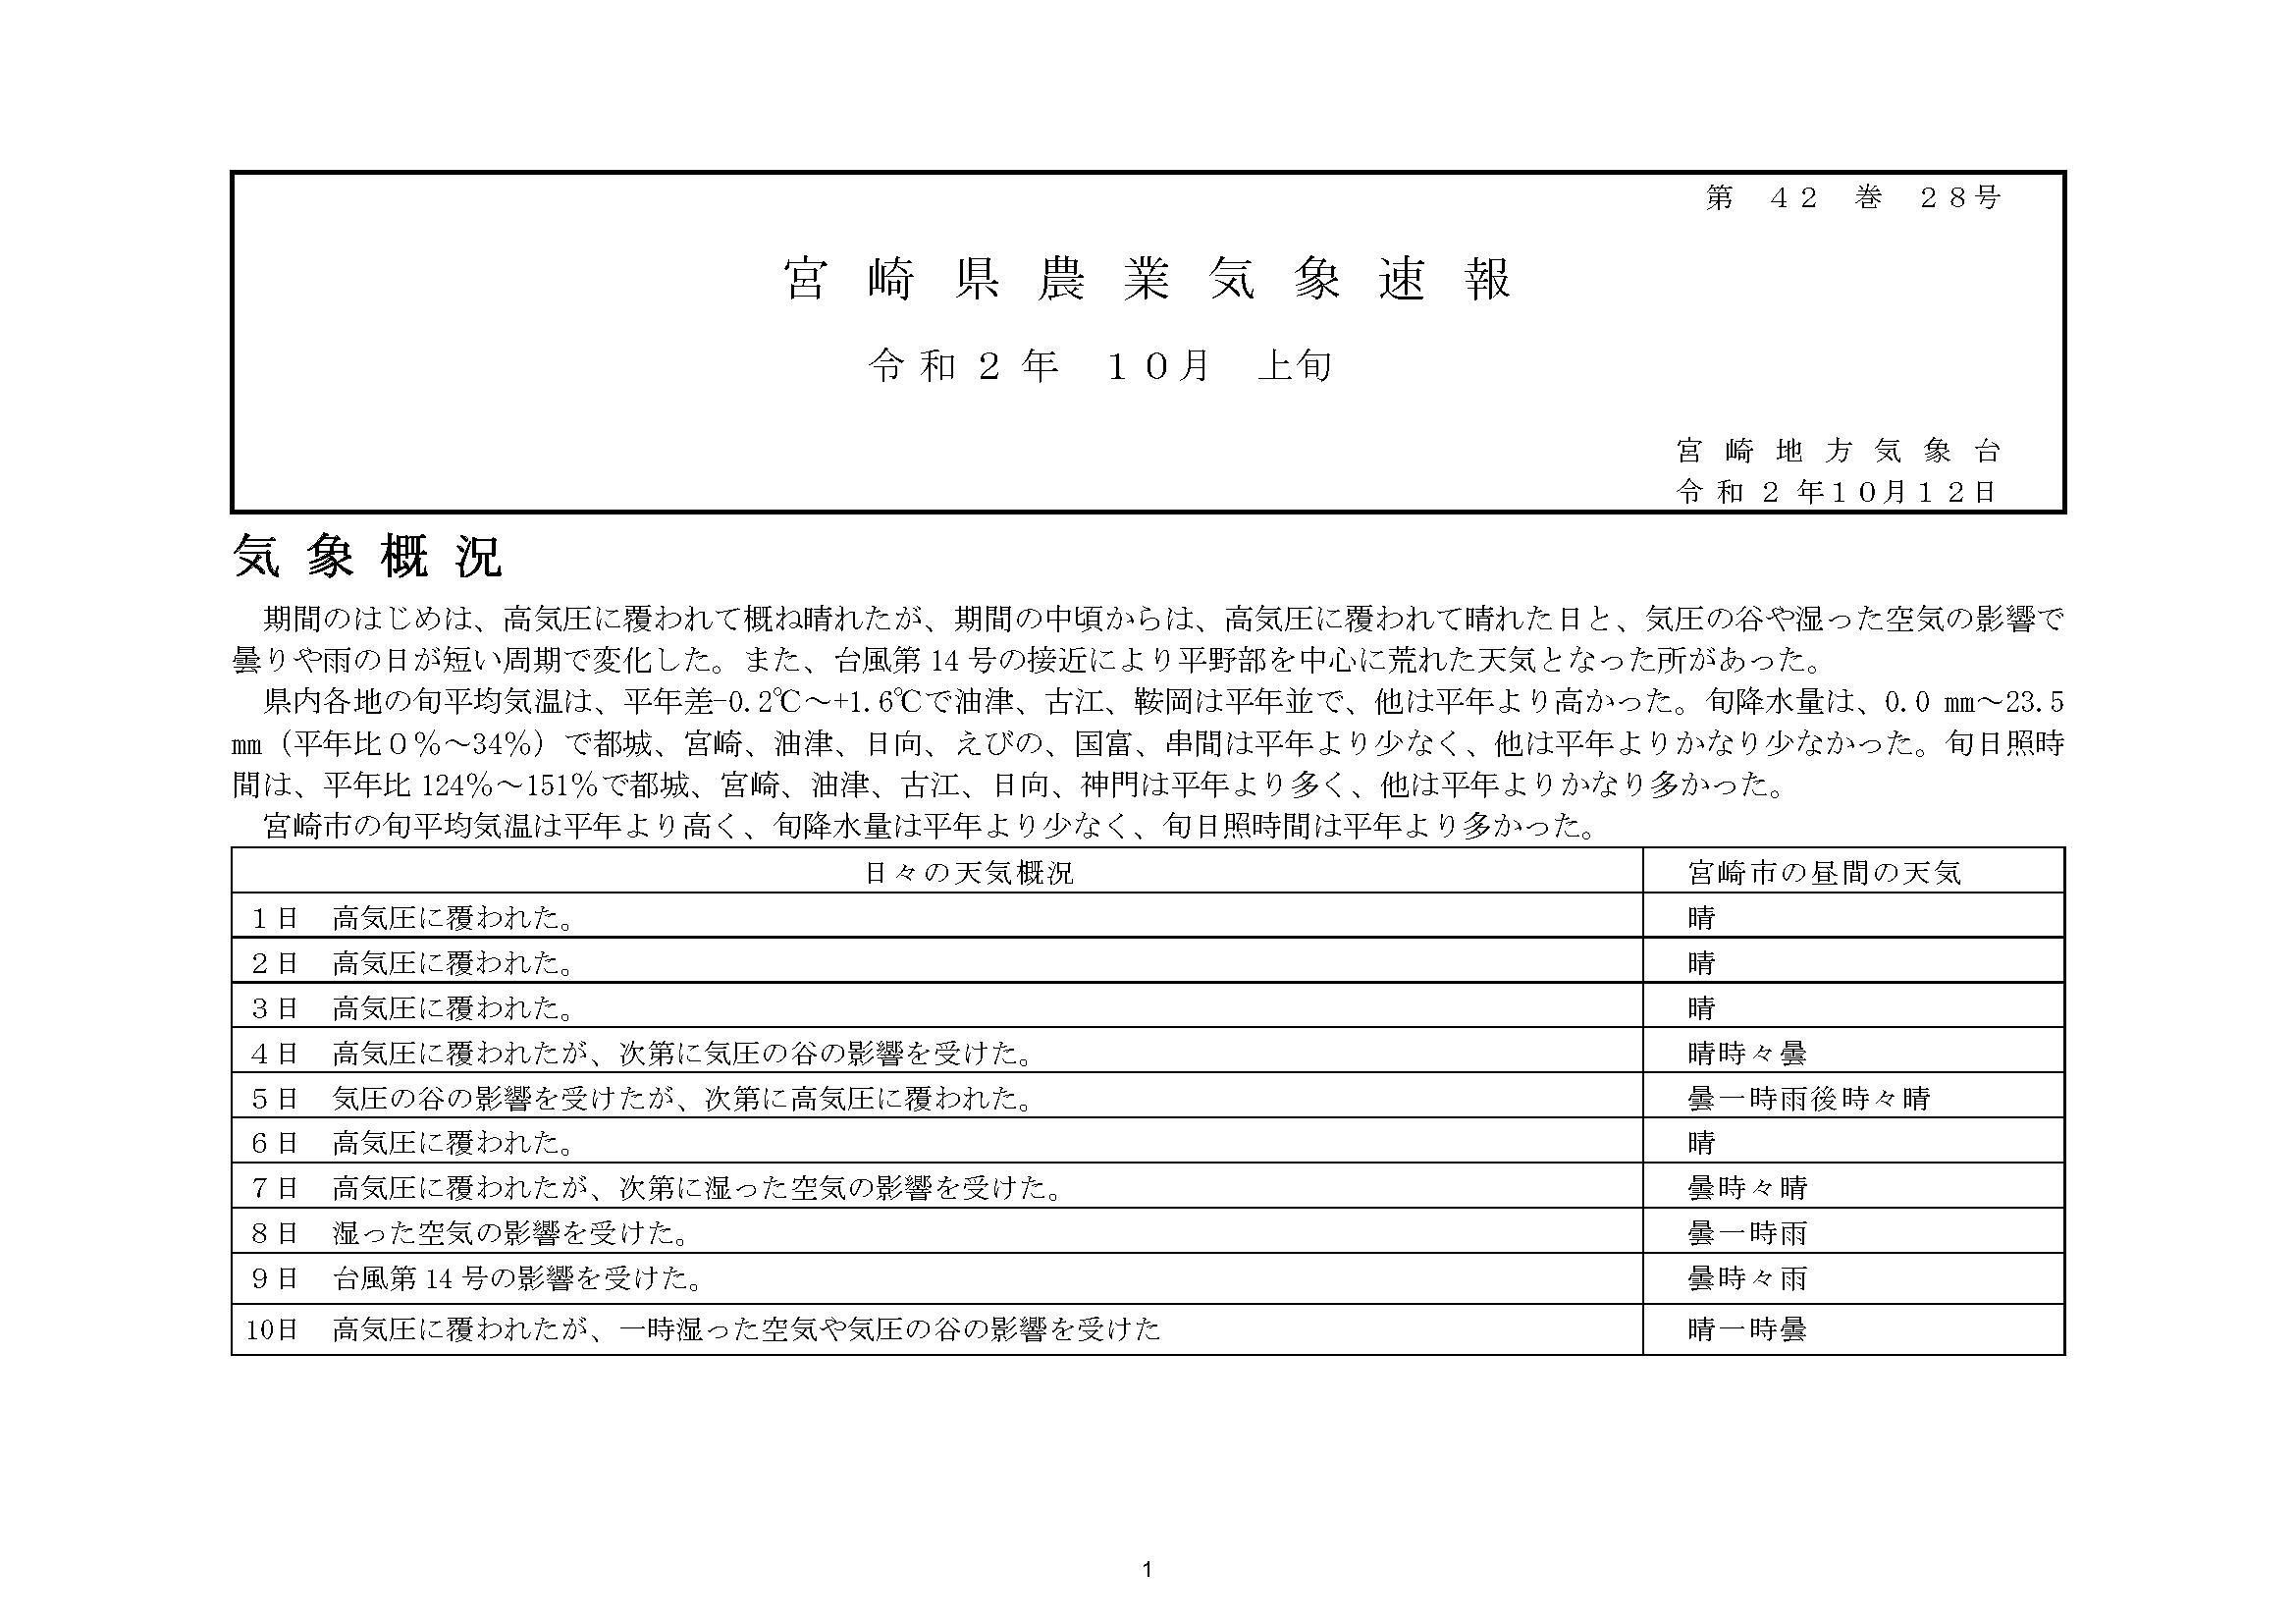 宮崎県農業気象速報令和2年10月上旬PDF